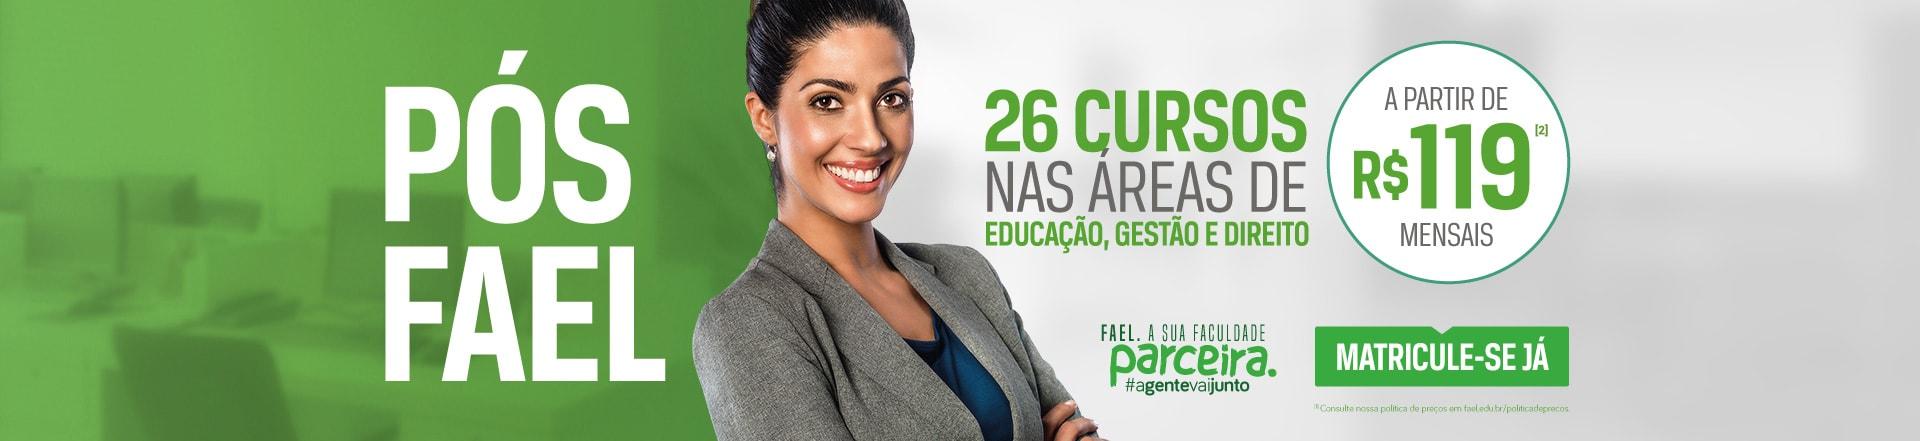 26 Cursos de Pós-graduação a distância nas Áreas de Educação, Gestão e Direito - FAEL a sua faculdade PARCEIRA